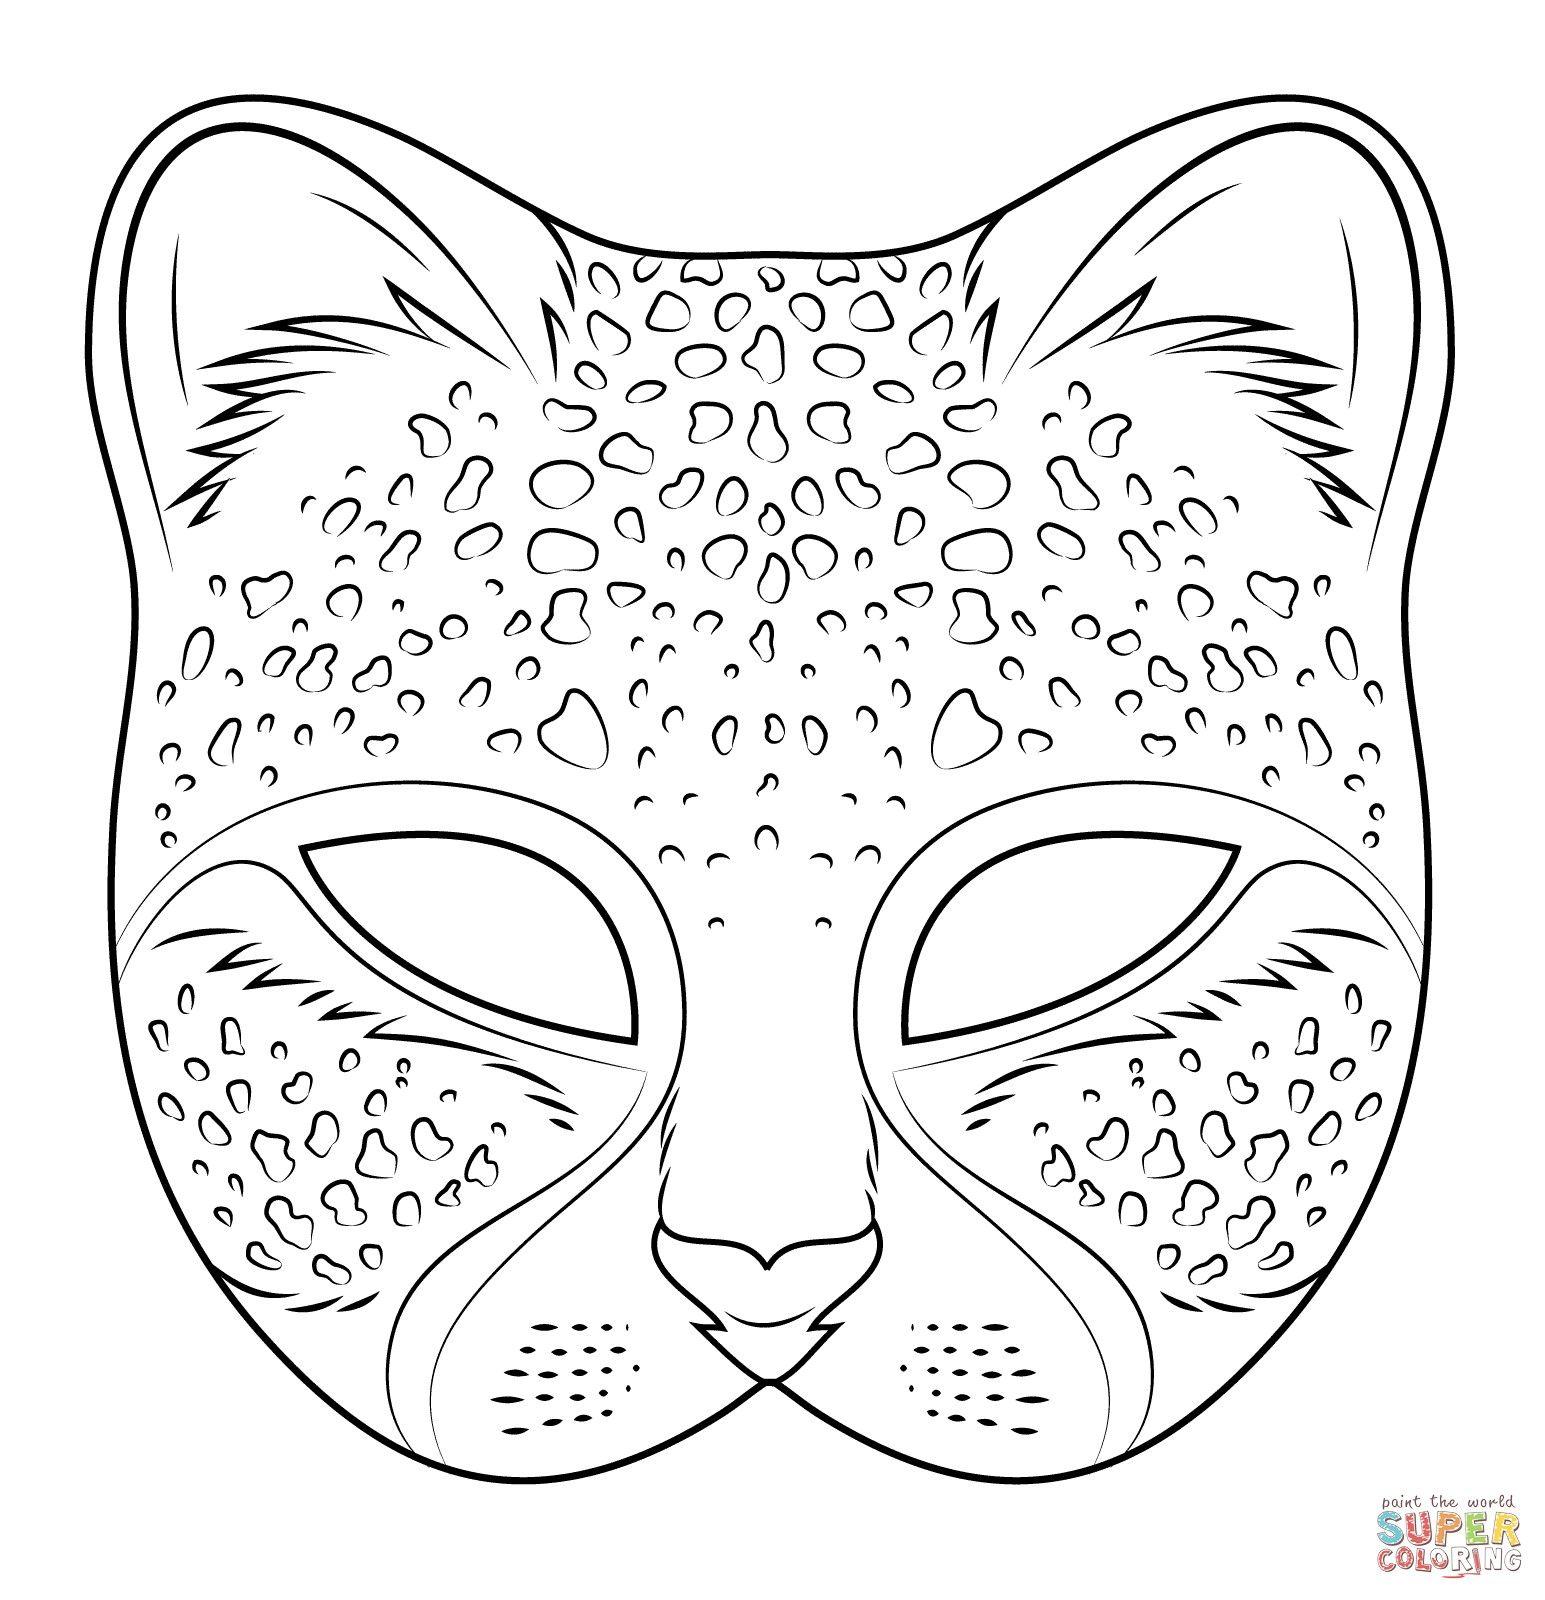 Einzigartig Ausmalbilder Tiere Gepard  Ausmalbilder tiere, Löwen